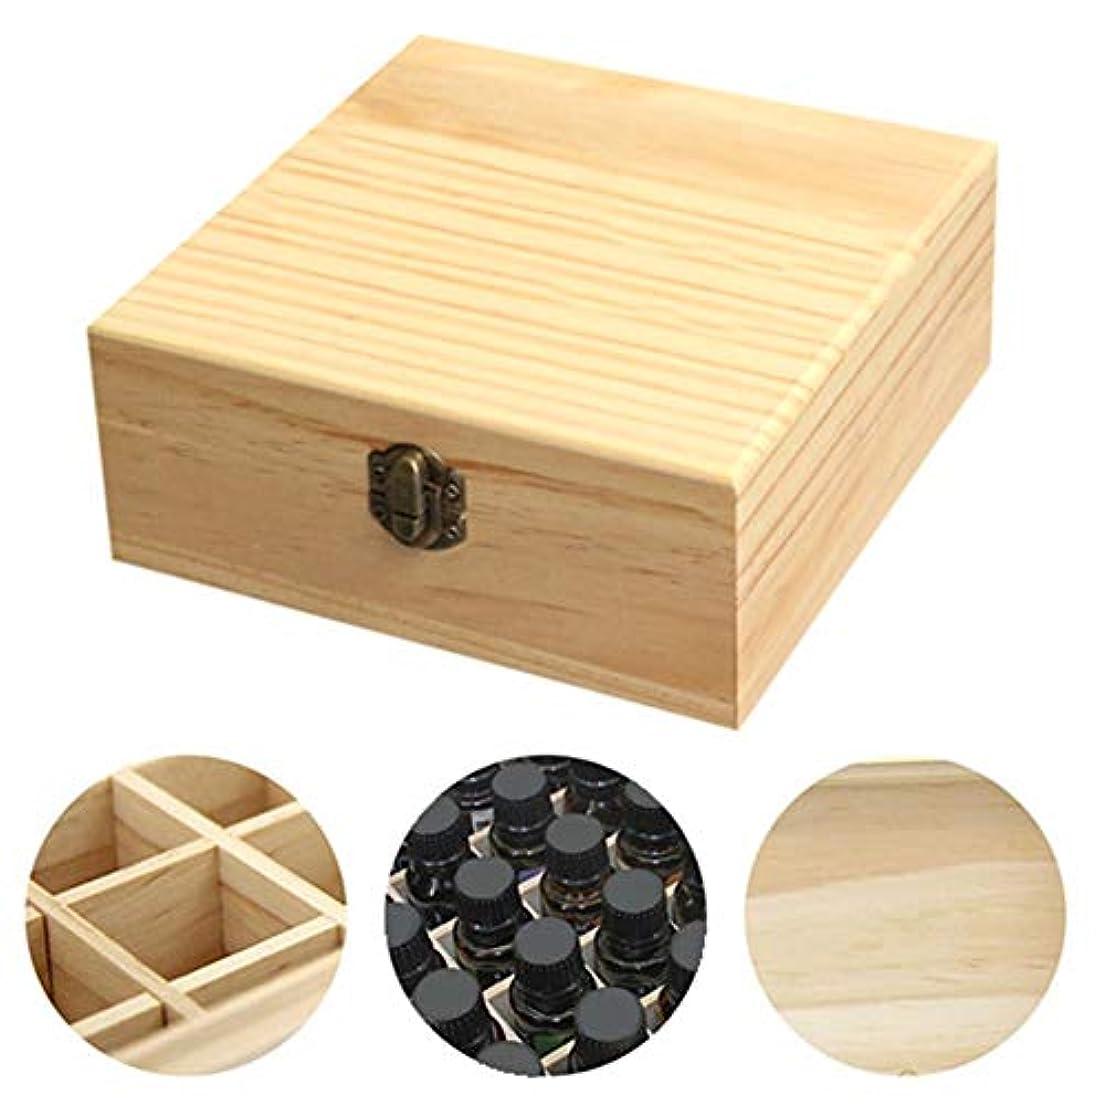 コンパスベリーペダルclouday エッセンシャルオイル収納ボックス 自然木製 エッセンシャルオイルオイル 収納 ボックス 香水収納ケース アロマオイル収納ボックス 25本用 approving